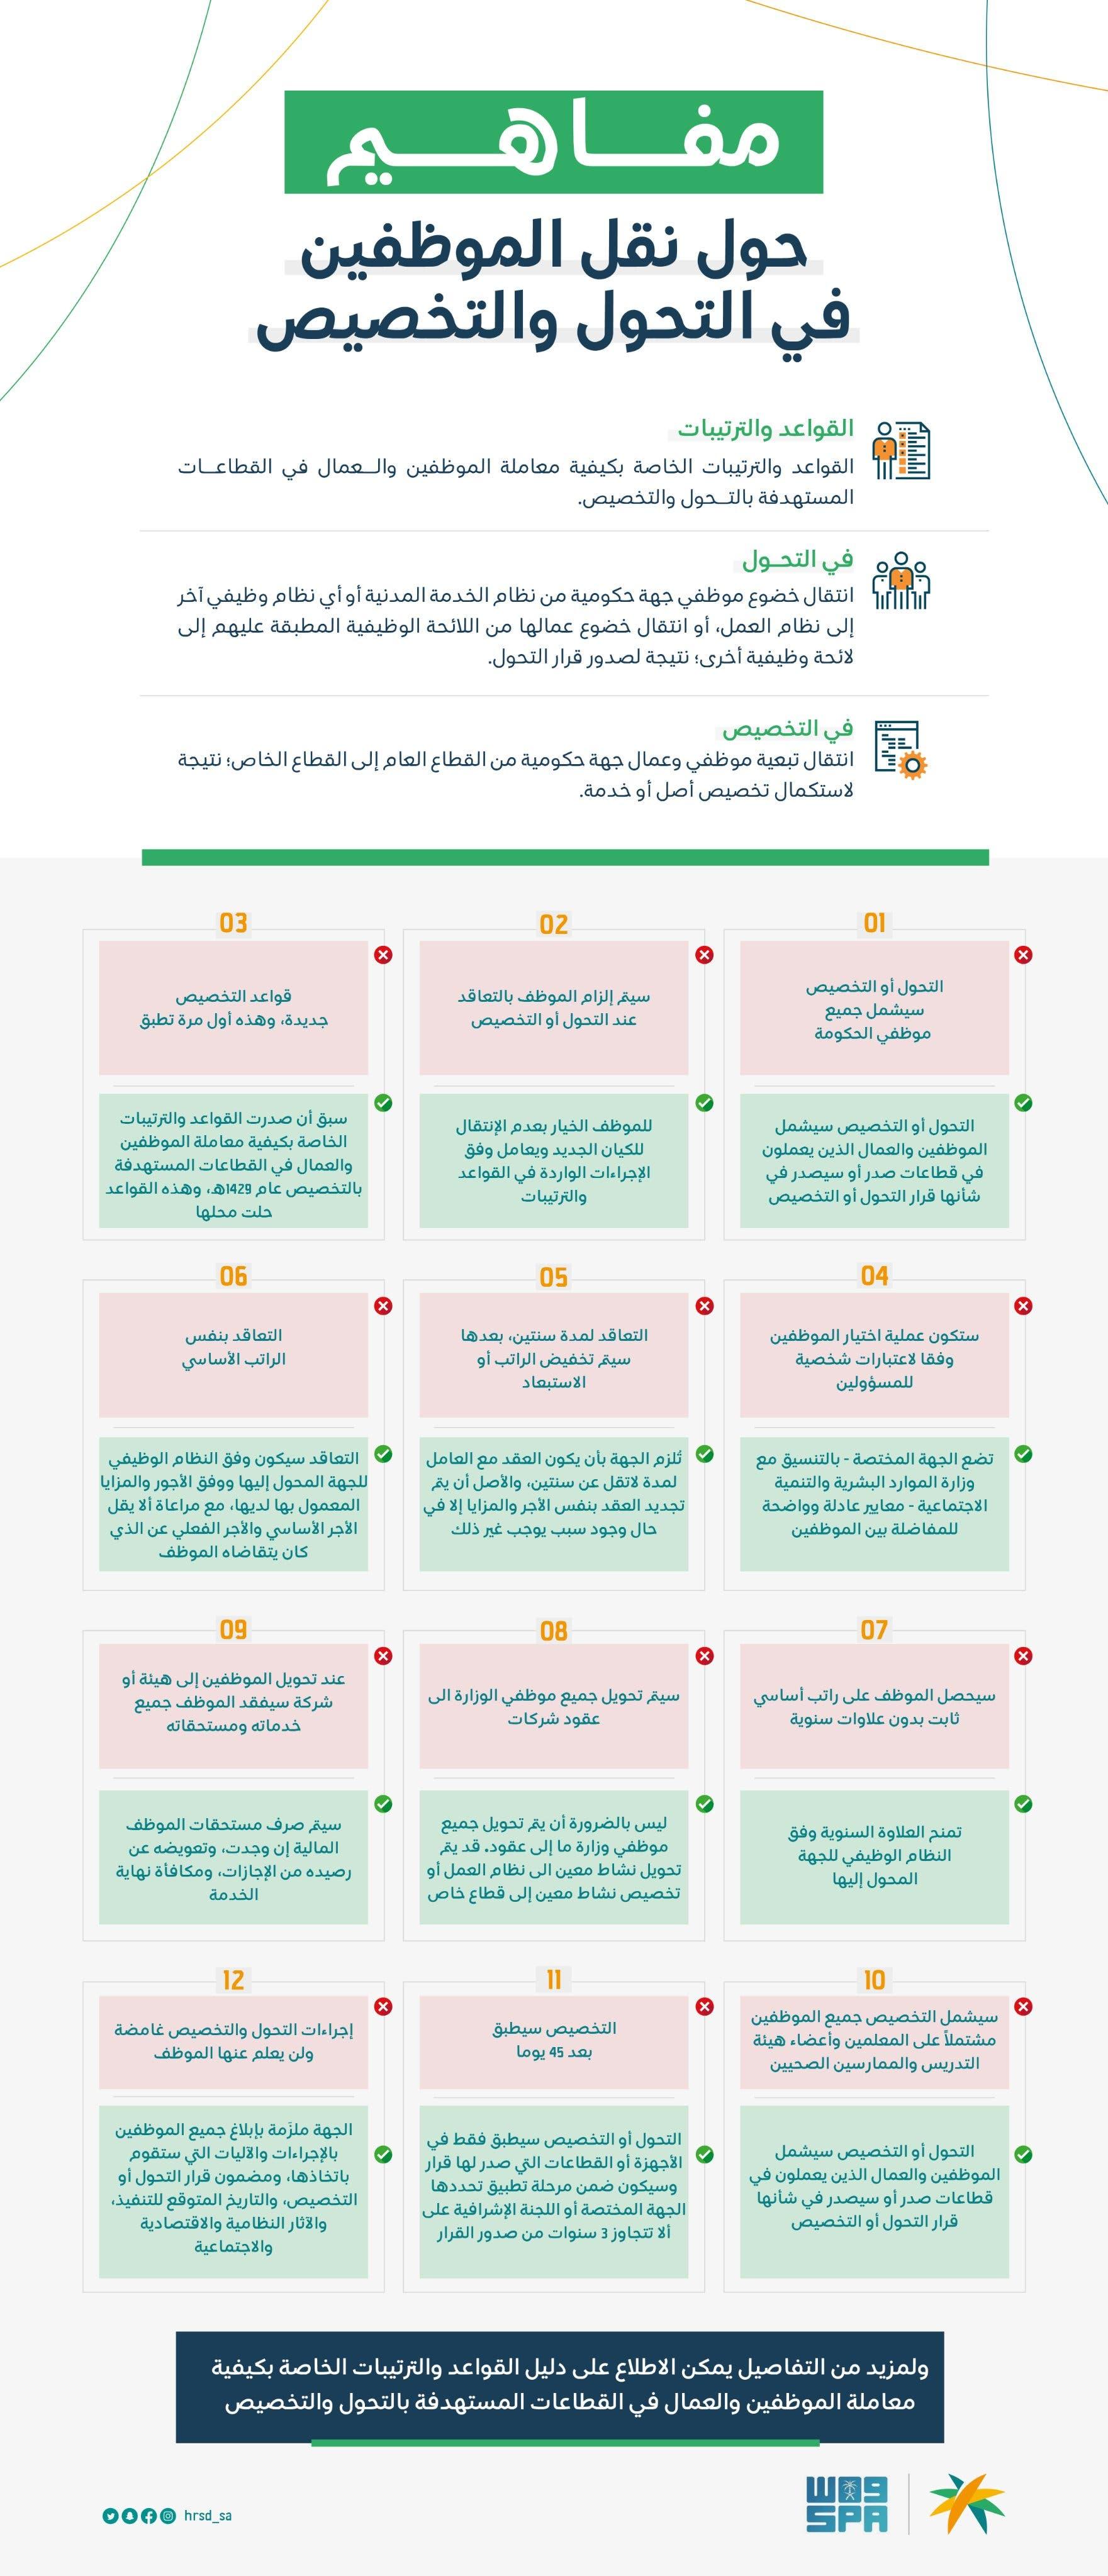 قواعد التحول الوظيفي ضمن برنامج التخصيص